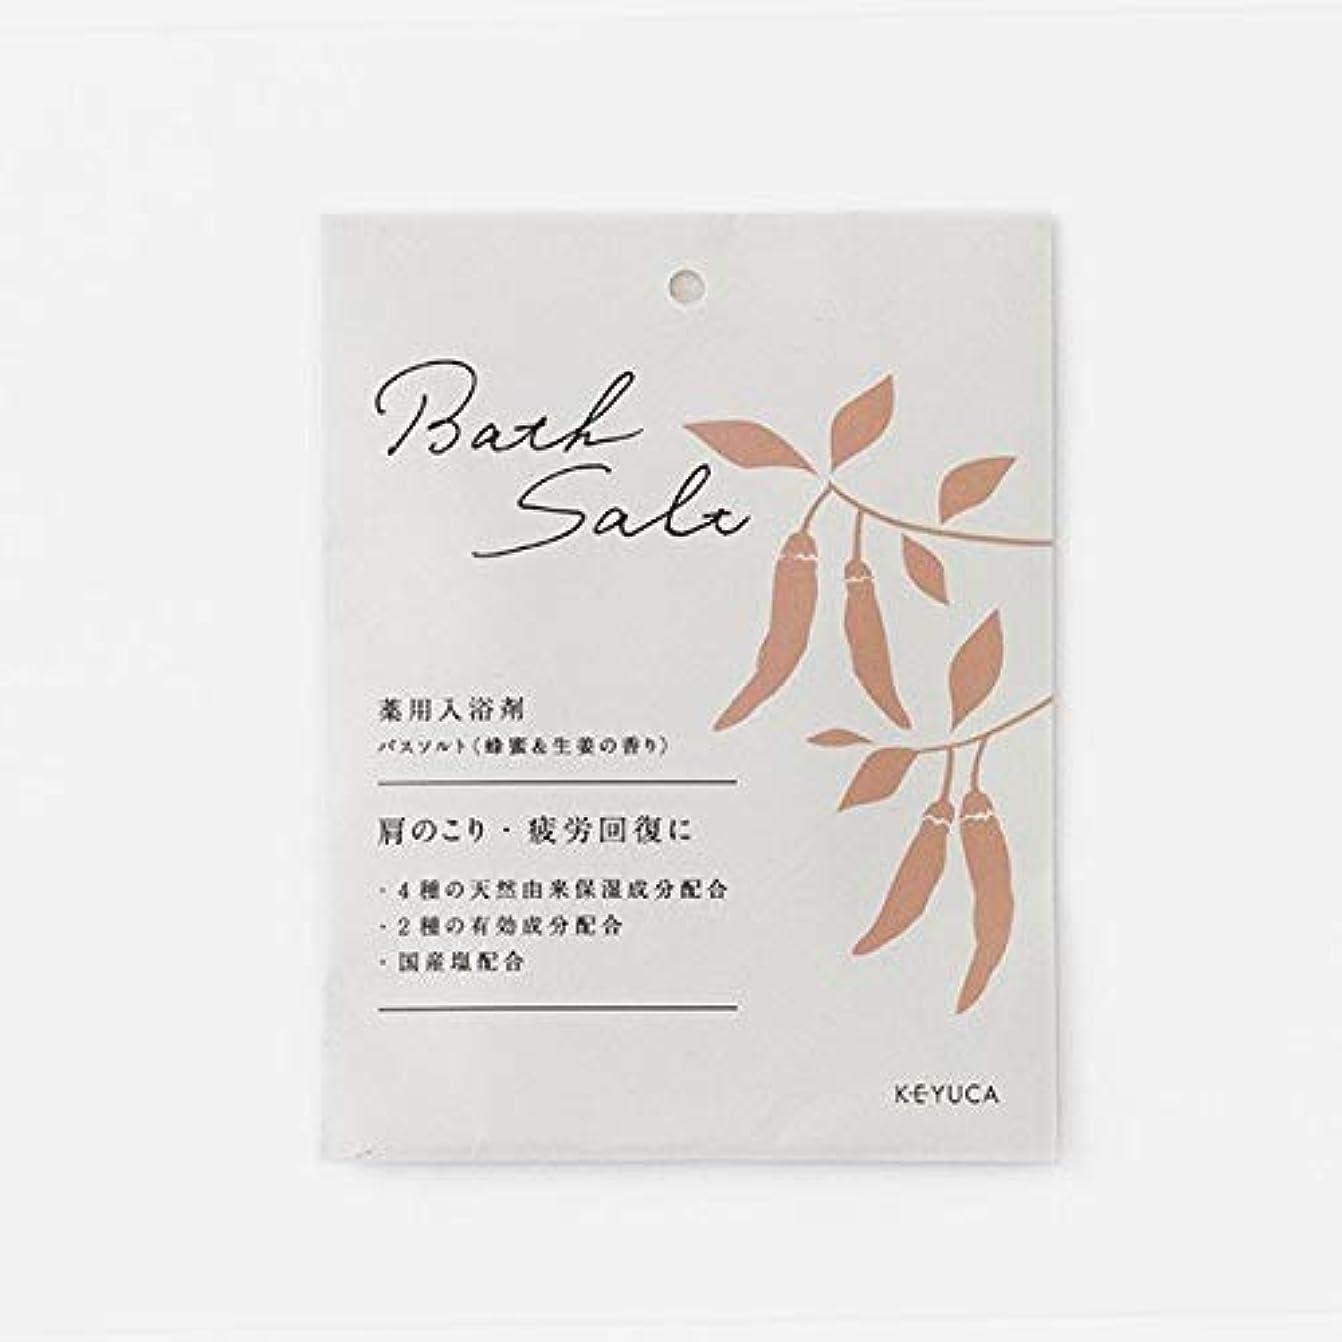 謝罪するフィールド低いKEYUCA(ケユカ) 薬用バスソルト 蜂蜜&生姜